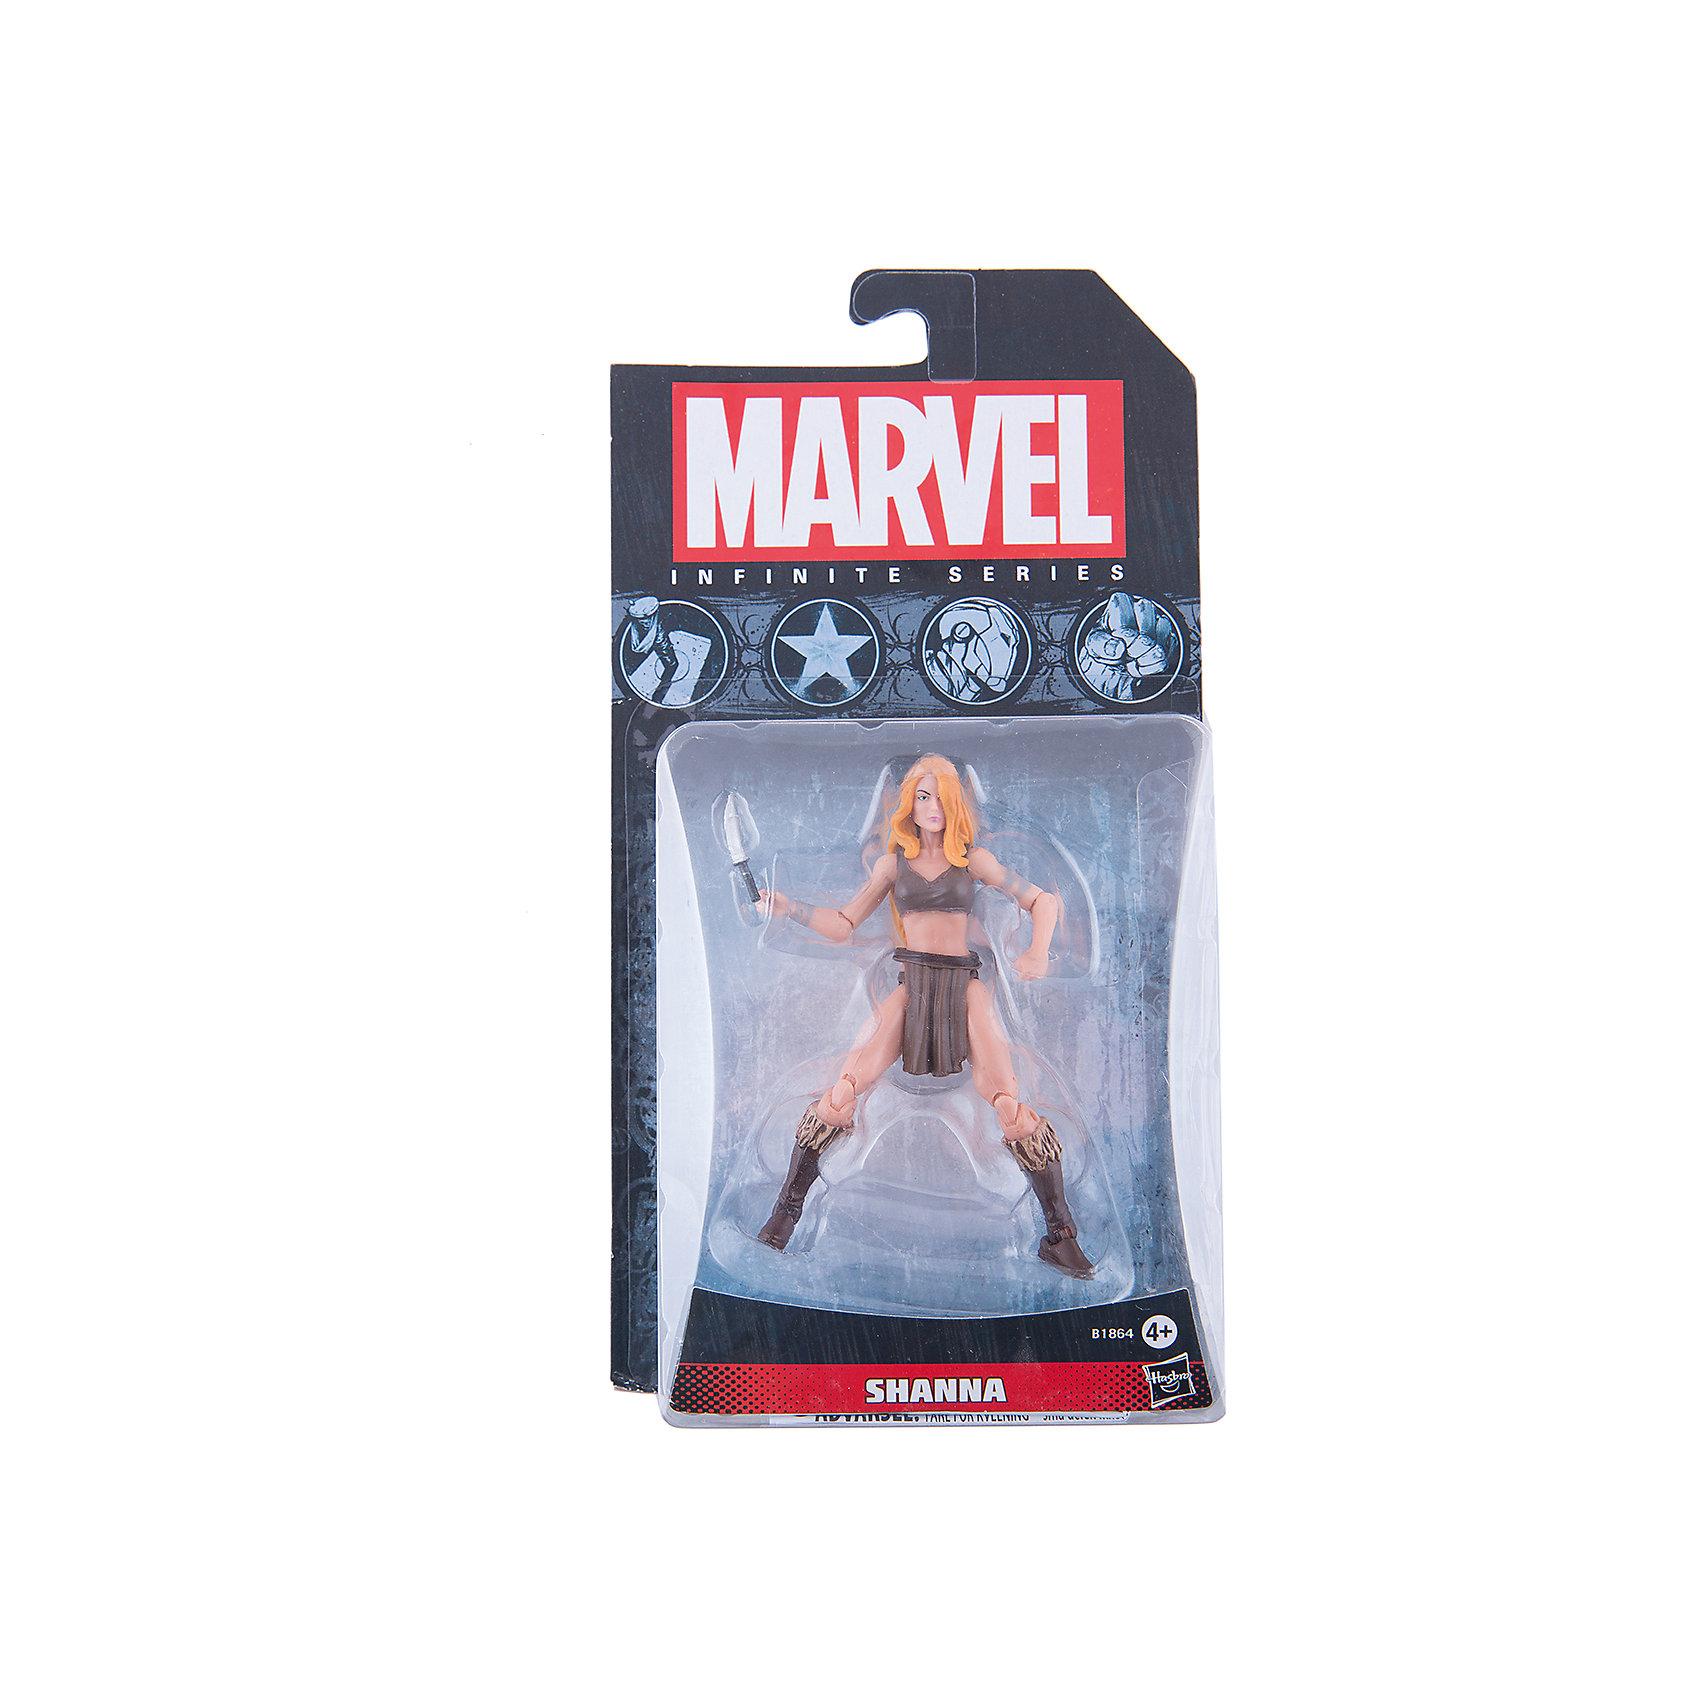 Коллекционная фигурка Марвел 9,5 см, Marvel Heroes, B1864/A6749Игрушки<br>Эта коллекционная фигурка обязательно понравится всем поклонникам Marvel. Фигурка прекрасно детализирована, обладает подвижными конечностями и щупальцами, что позволяет ей принимать разнообразные позы, открывая еще большие возможности для различных игровых сюжетов. Игрушка изготовлена из высококачественного пластика, с применением безопасных, экологичных красителей. <br><br>Дополнительная информация:<br><br>- Материал: пластик.<br>- Размер фигурки: 9,5 см.<br>- Подвижные конечности.<br><br>Коллекционную фигурку Марвел 9,5 см, Marvel Heroes, можно купить в нашем магазине.<br><br>Ширина мм: 51<br>Глубина мм: 121<br>Высота мм: 229<br>Вес г: 150<br>Возраст от месяцев: 48<br>Возраст до месяцев: 192<br>Пол: Мужской<br>Возраст: Детский<br>SKU: 4563959